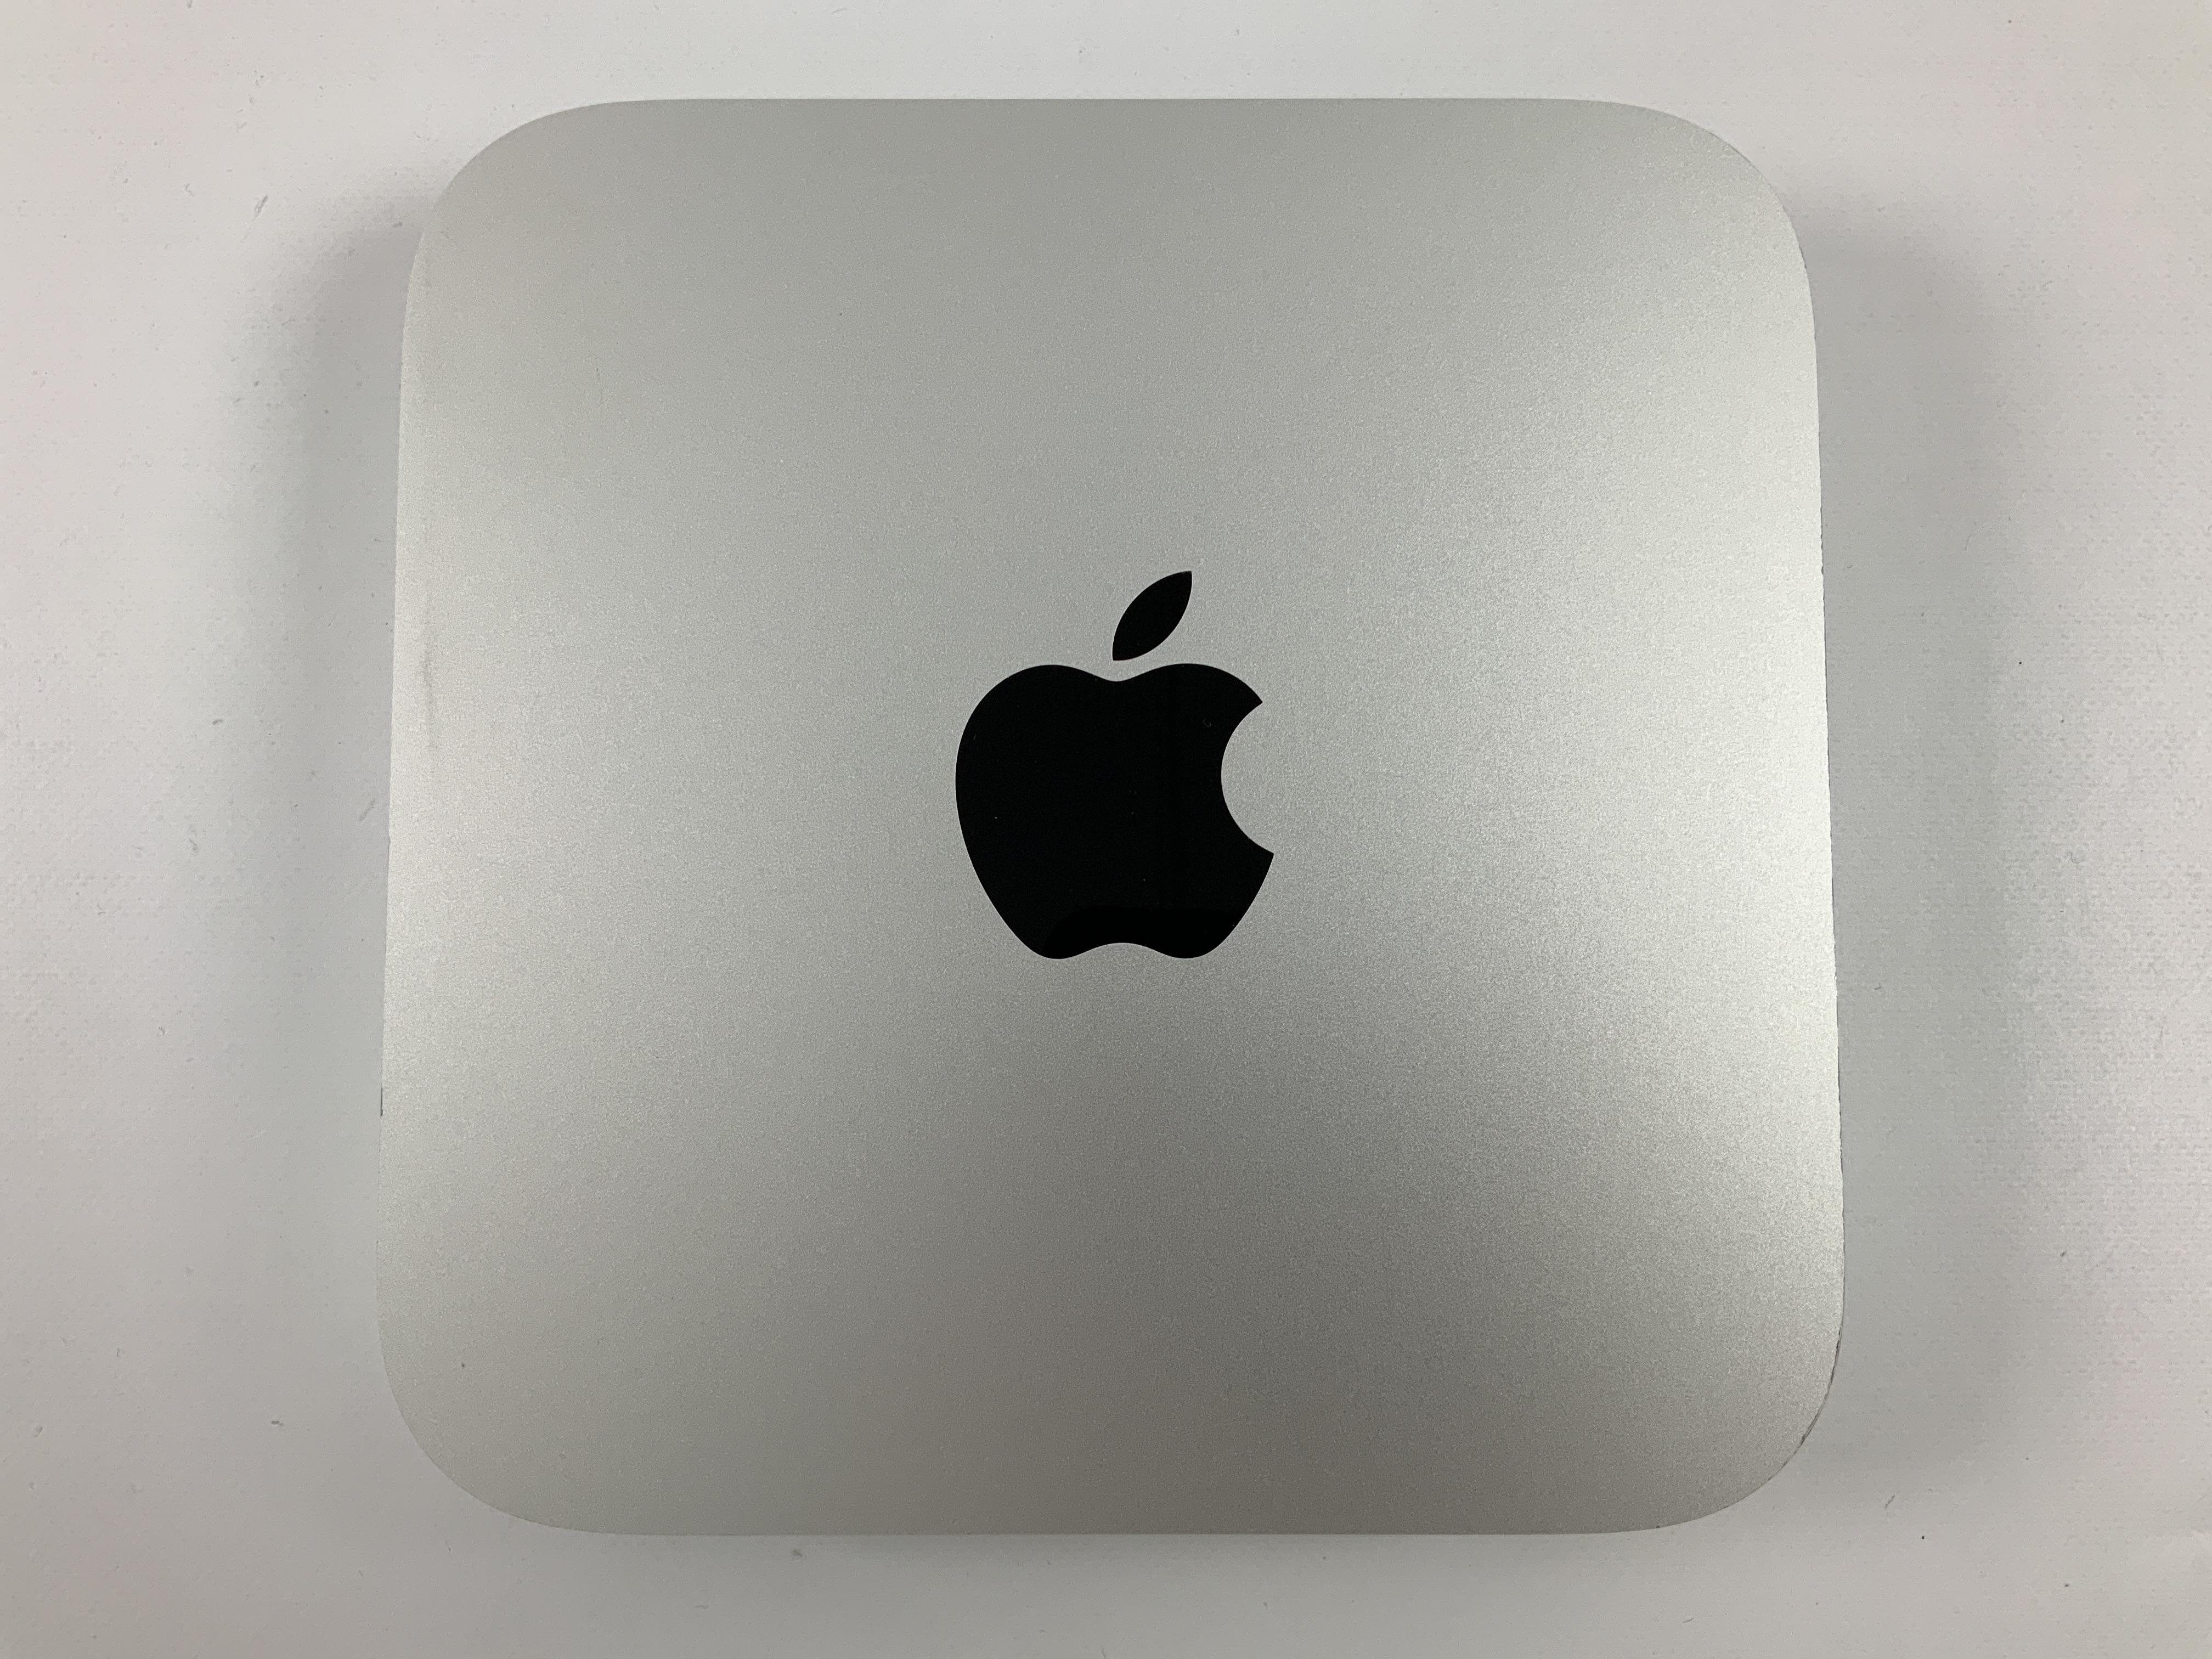 Mac Mini Late 2014 (Intel Core i5 2.6 GHz 8 GB RAM 1 TB HDD), Intel Core i5 2.6 GHz, 8 GB RAM, 1 TB HDD, immagine 1